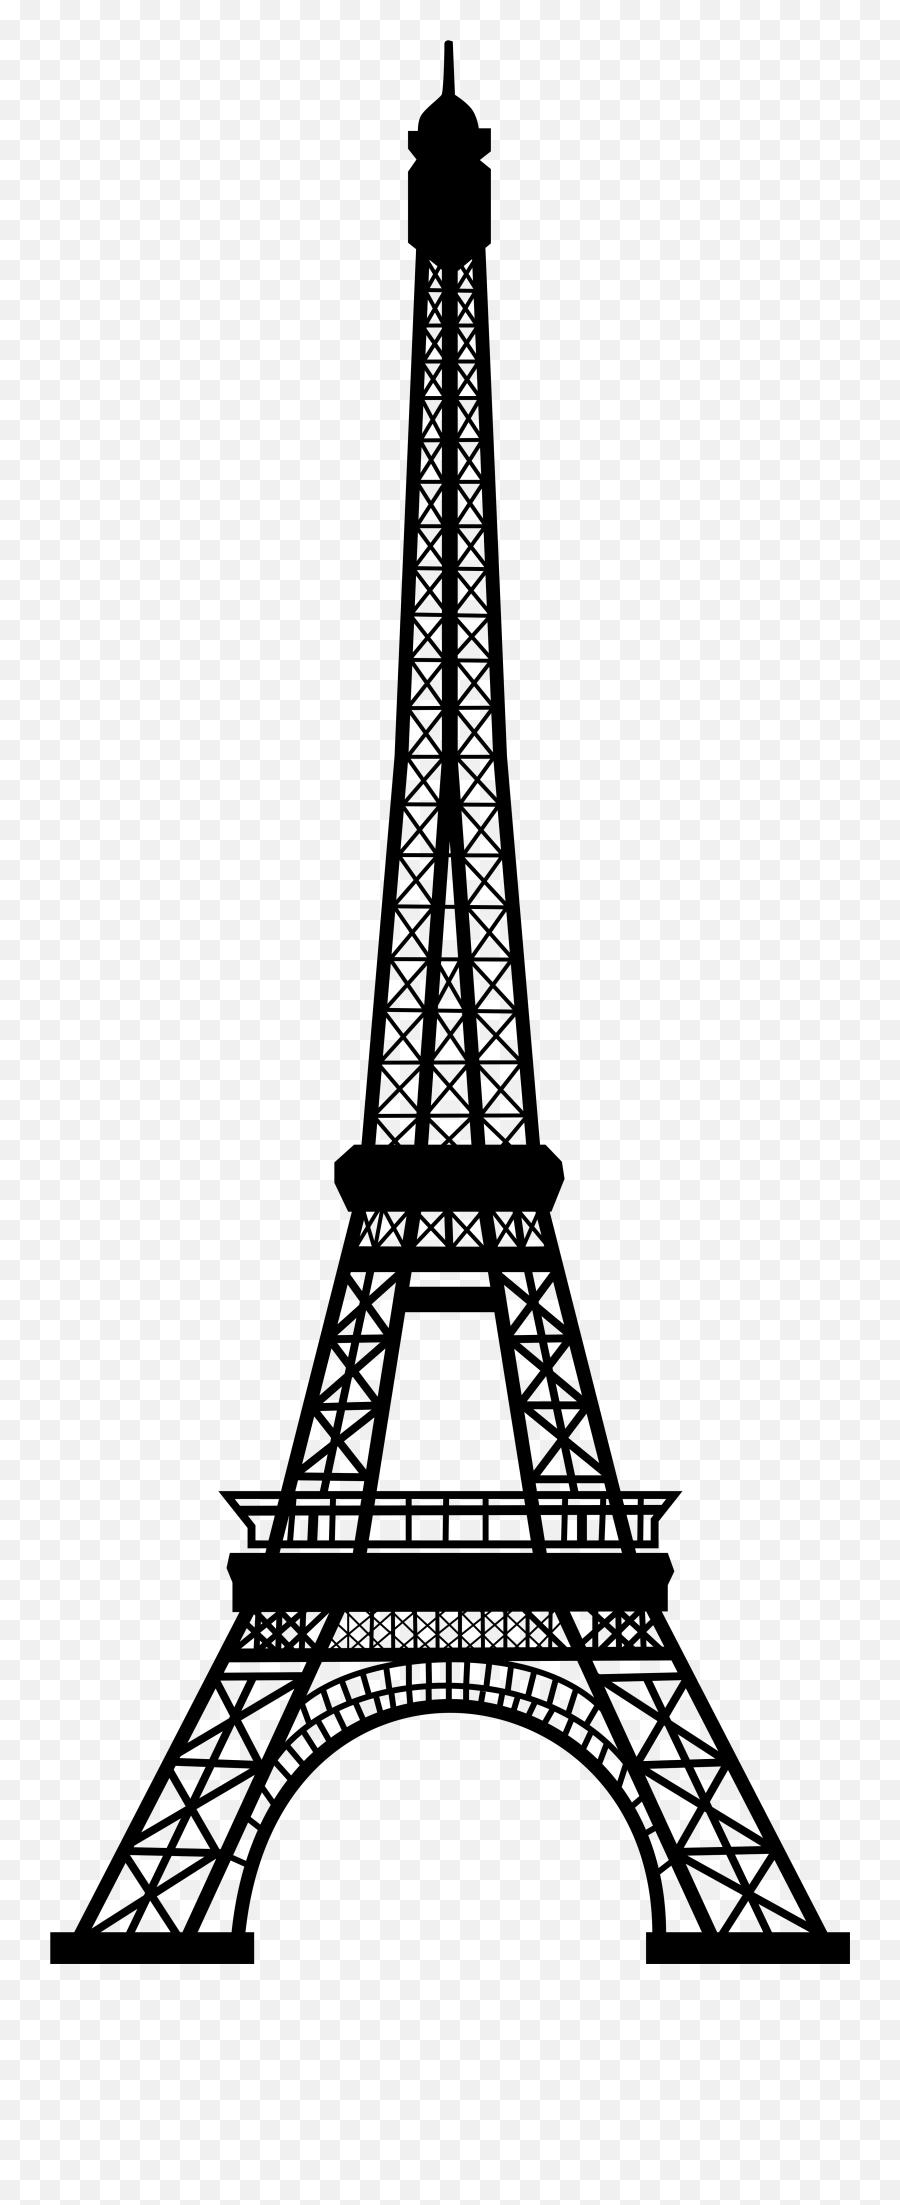 Eiffel Tower Clipart Transparent - Transparent Eiffel Tower Clipart Emoji,Eiffel Tower Emoji